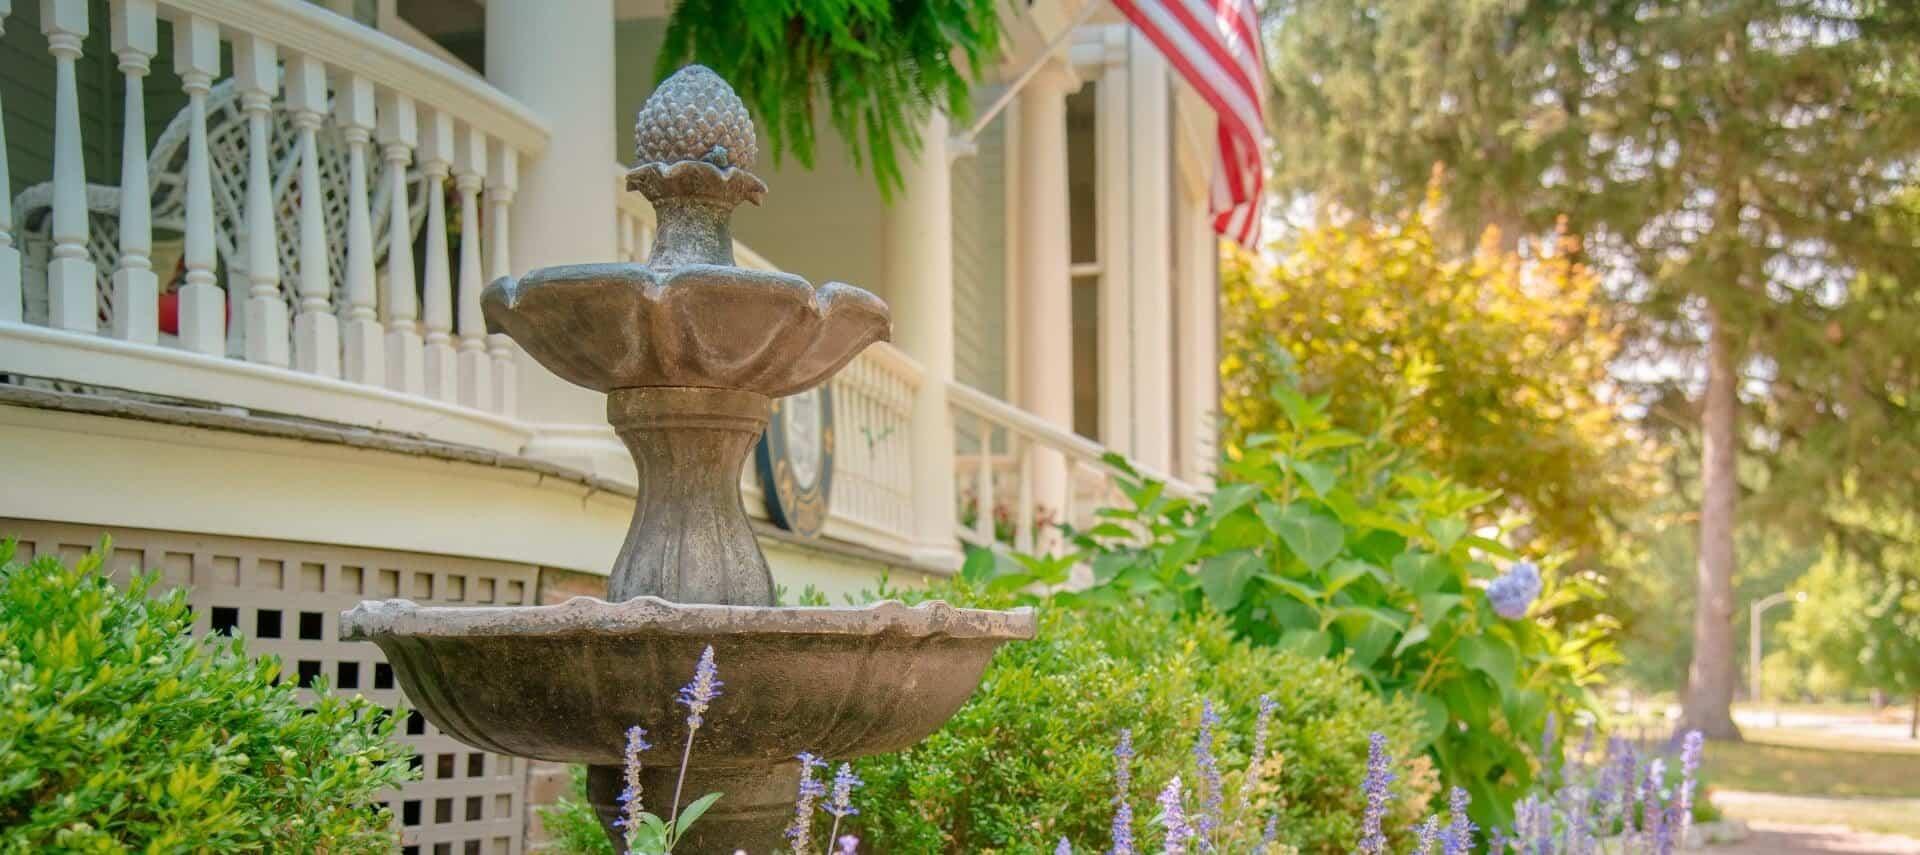 fountain in flowery landscape